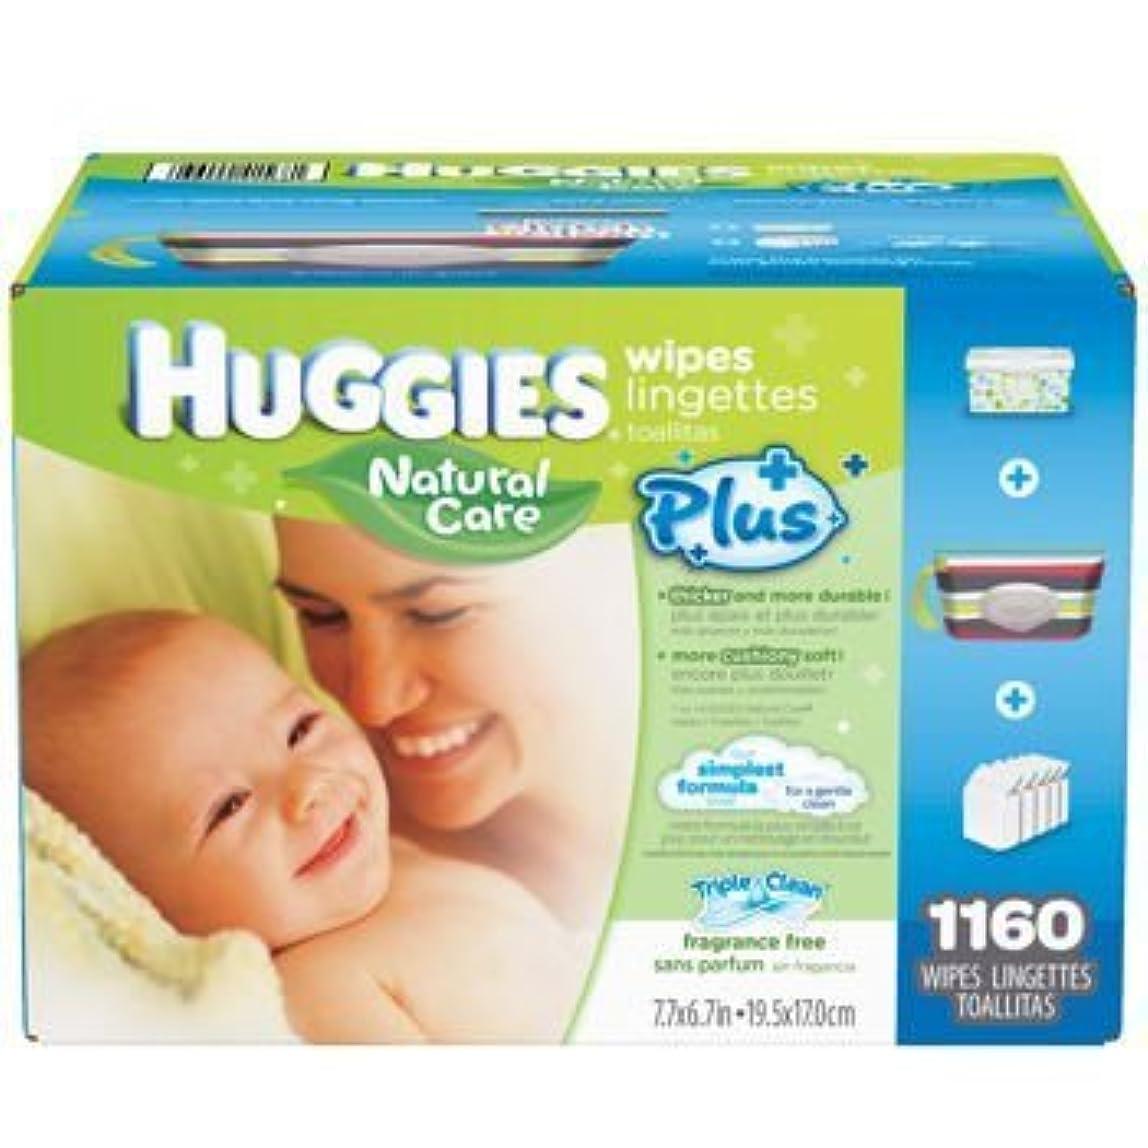 急速な抵抗怖がって死ぬBaby Wipes MEGA PACK Brand New by HUGGIES NATURAL CARE 1160 Total Individual WIPES Special Assortment includes...